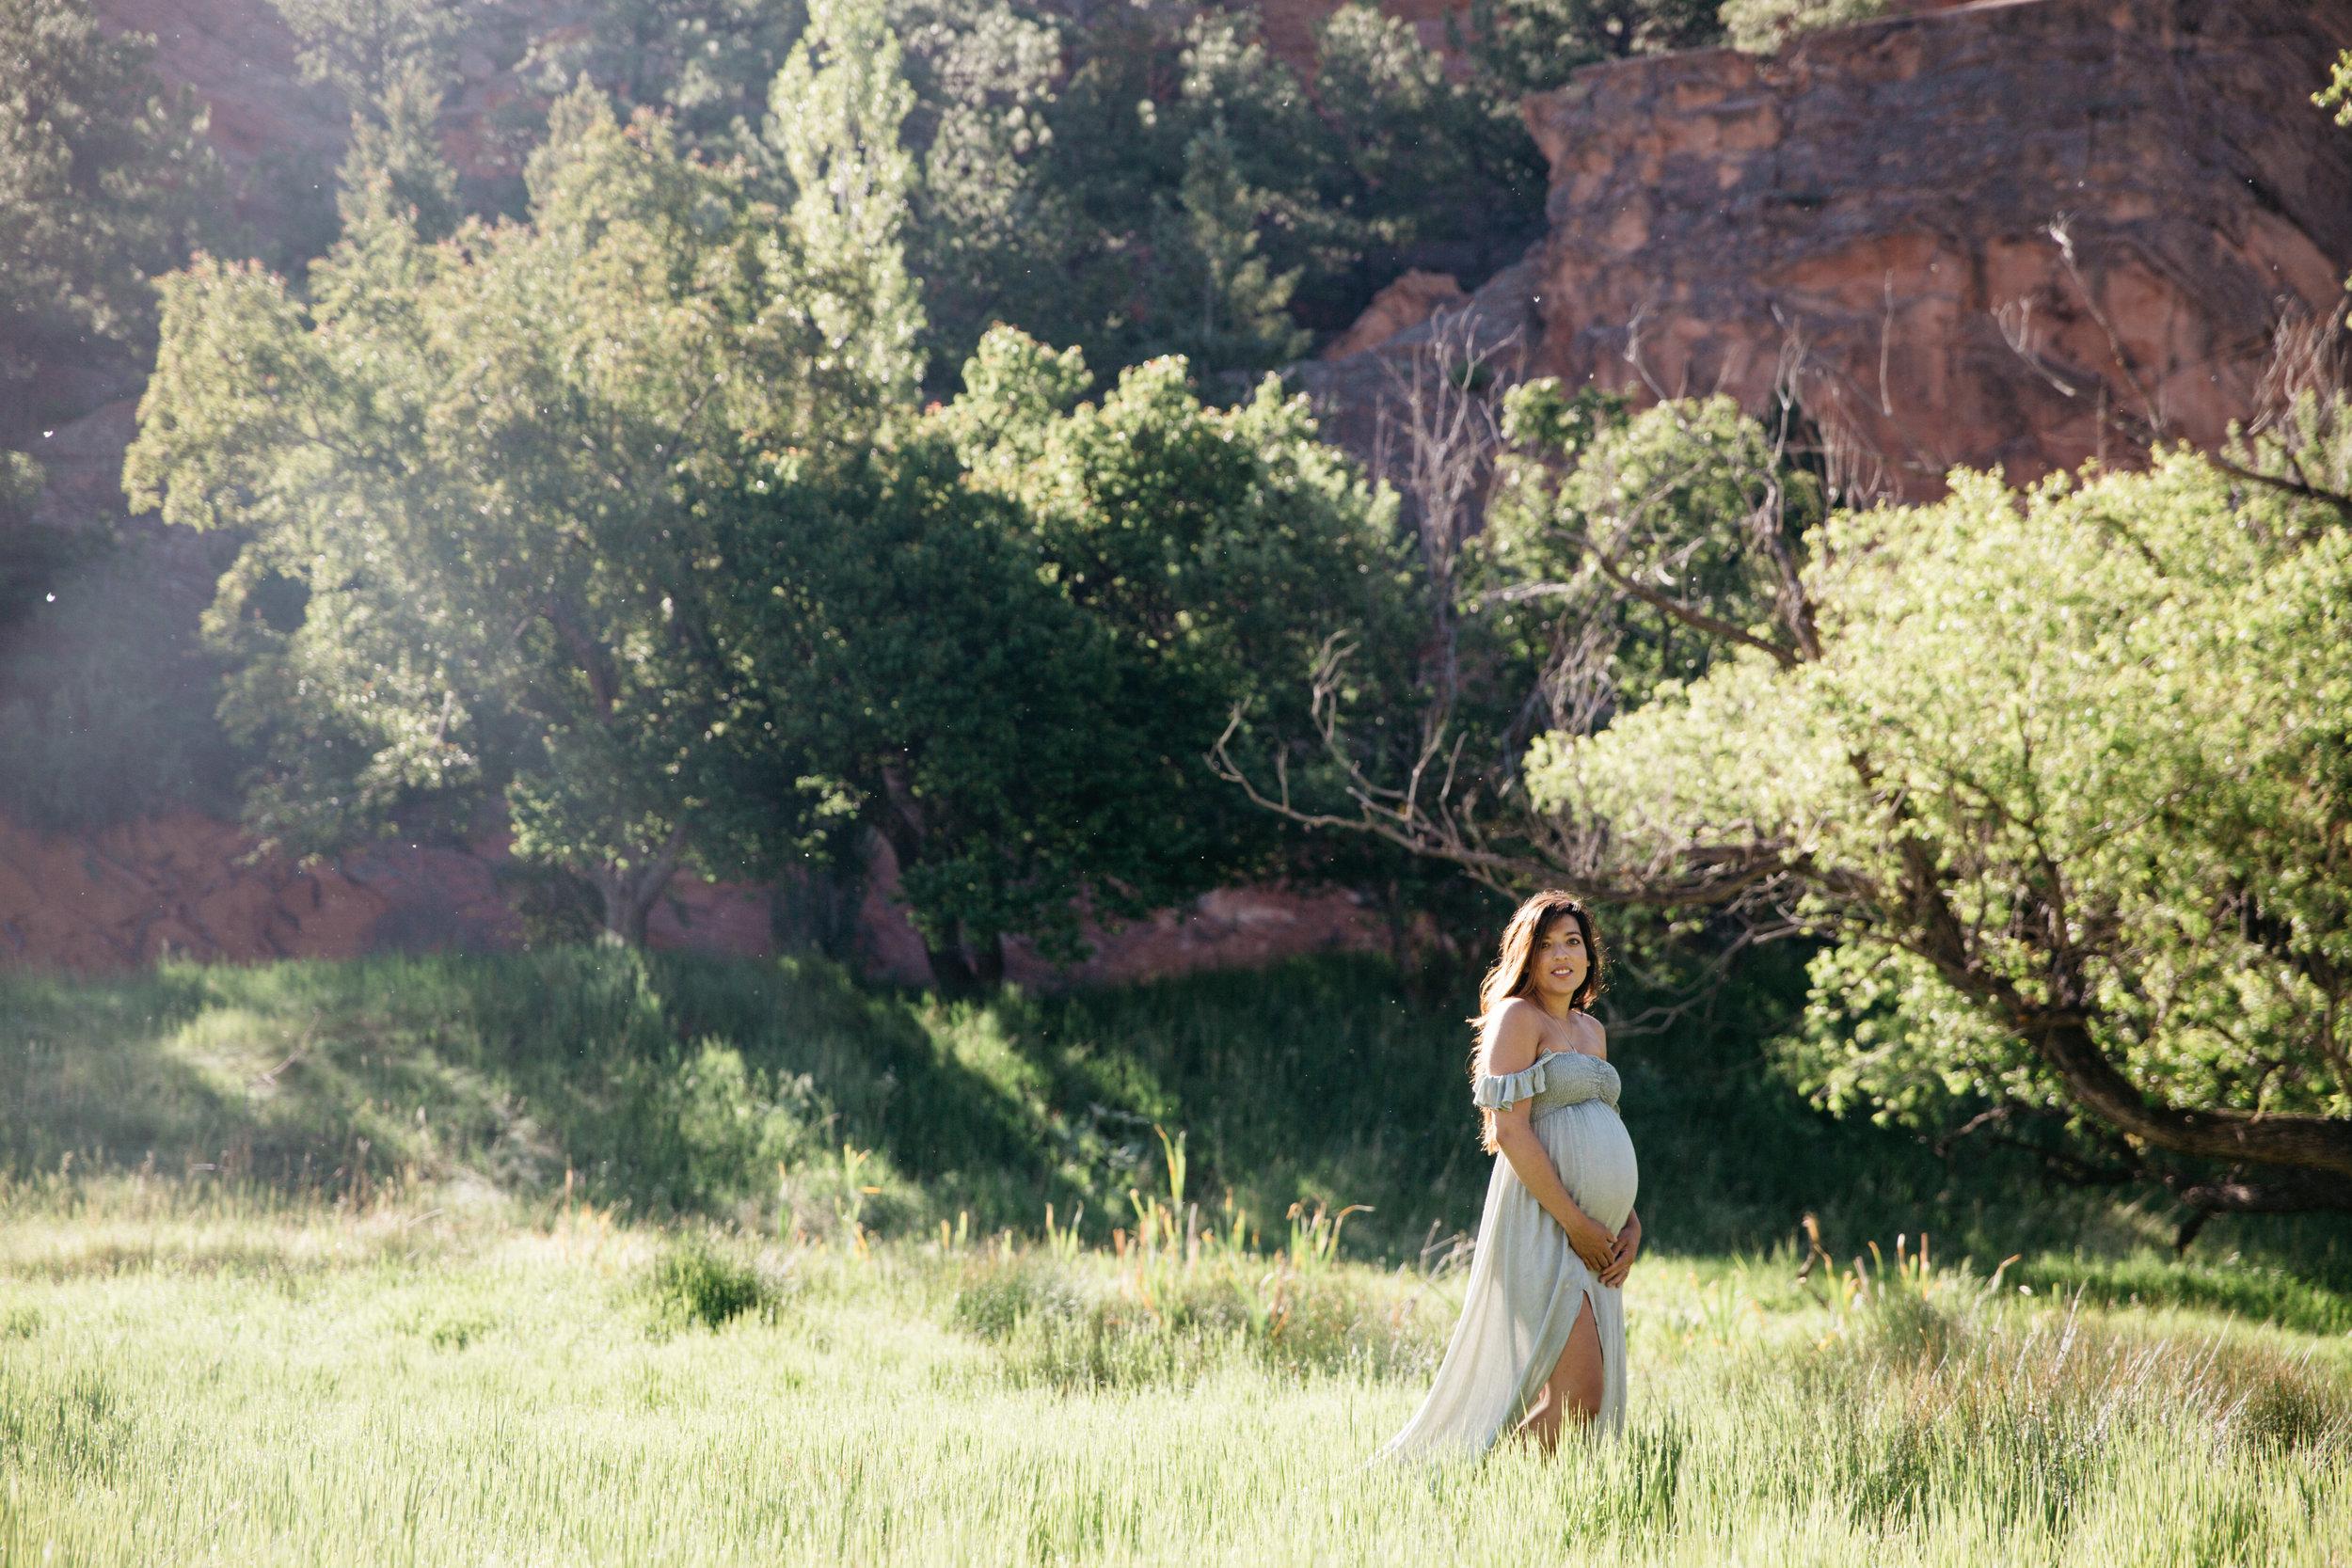 colorado-springs-maternity-photographer-76.jpg